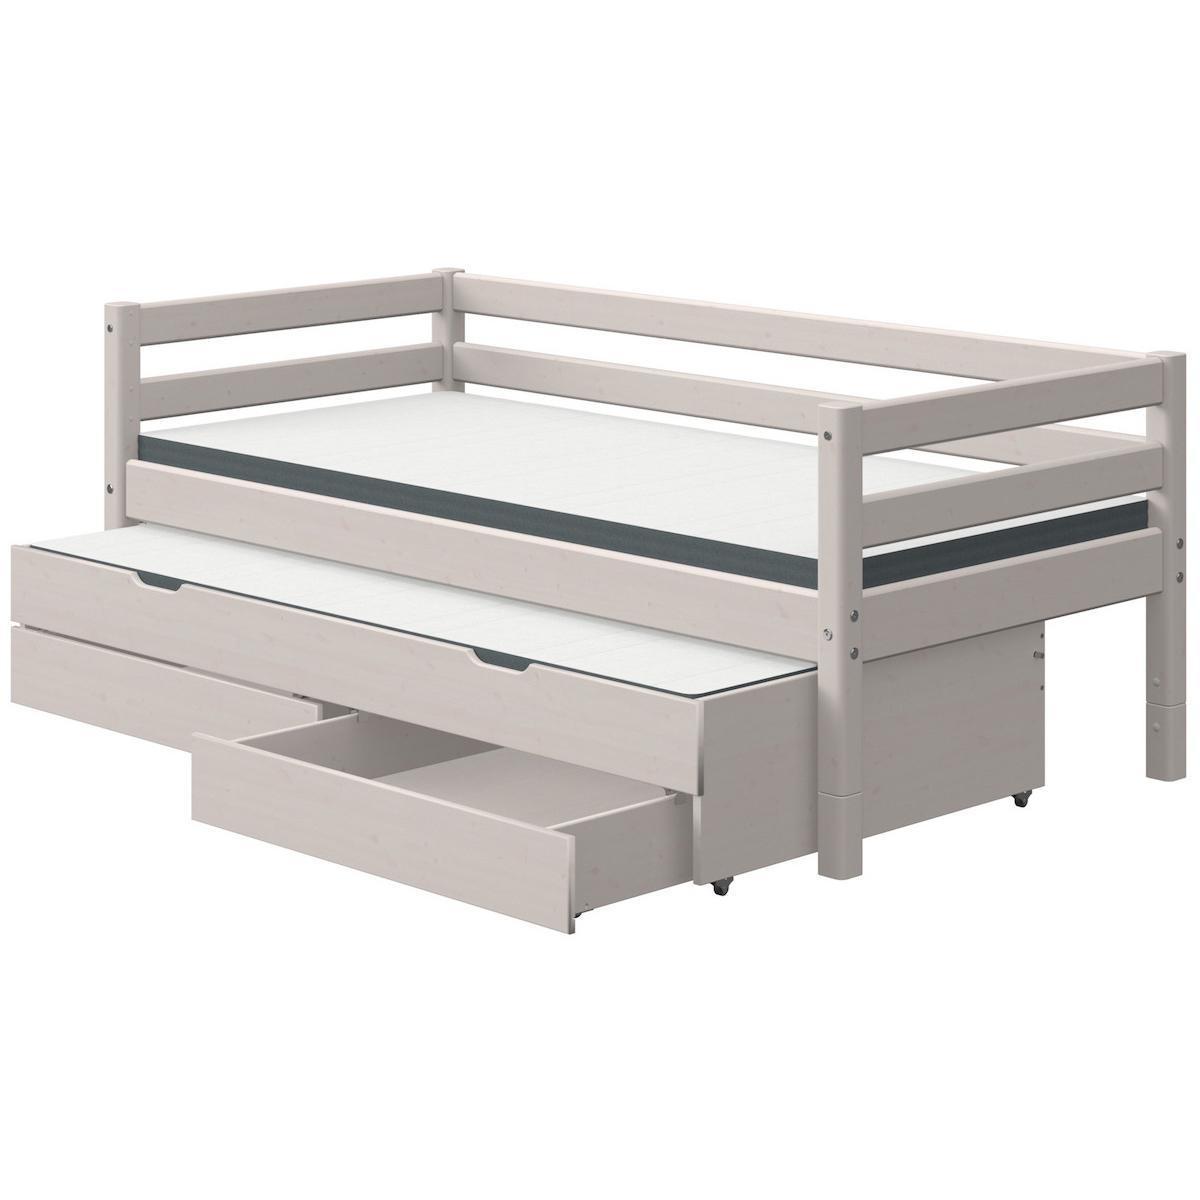 Tagesbett 90x190cm Ausziehbett 2 Schubladen CLASSIC Flexa grey washed